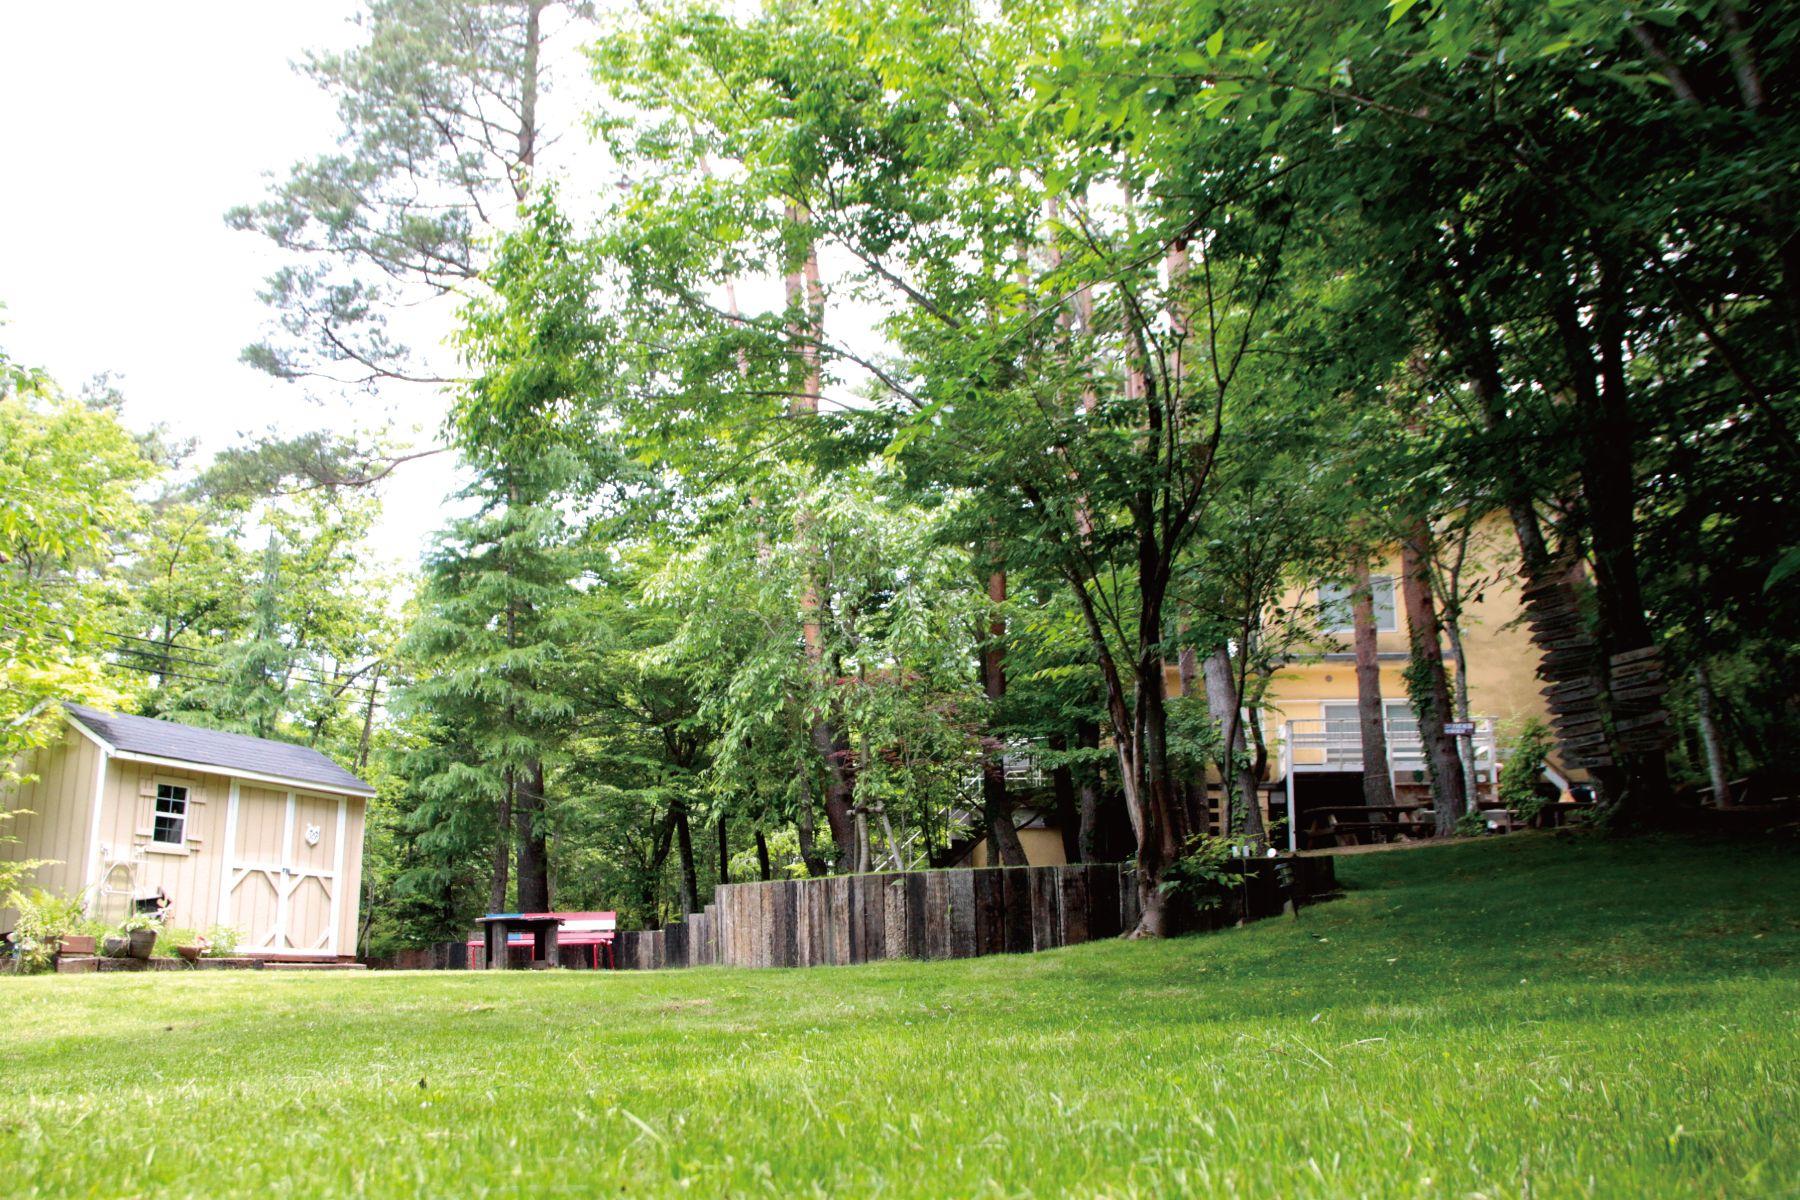 UNION HOUSE(ユニオンハウス)一面、芝生